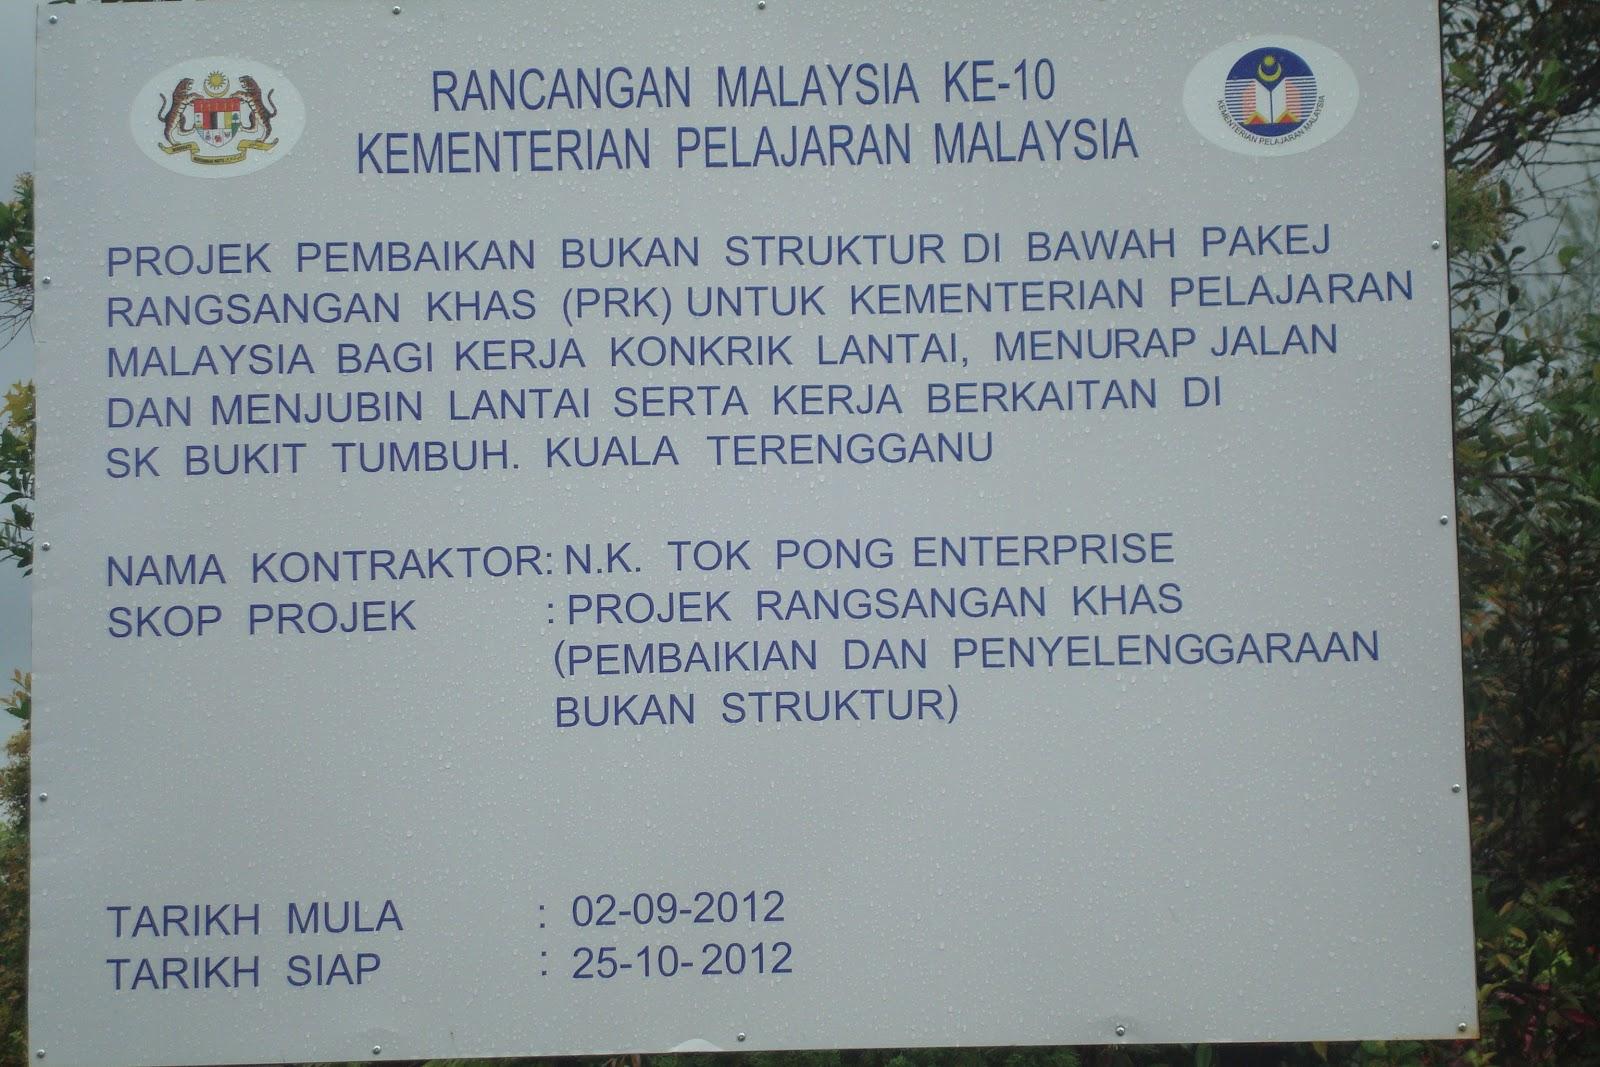 Projek Rancangan Malaysia ke -10 KPM